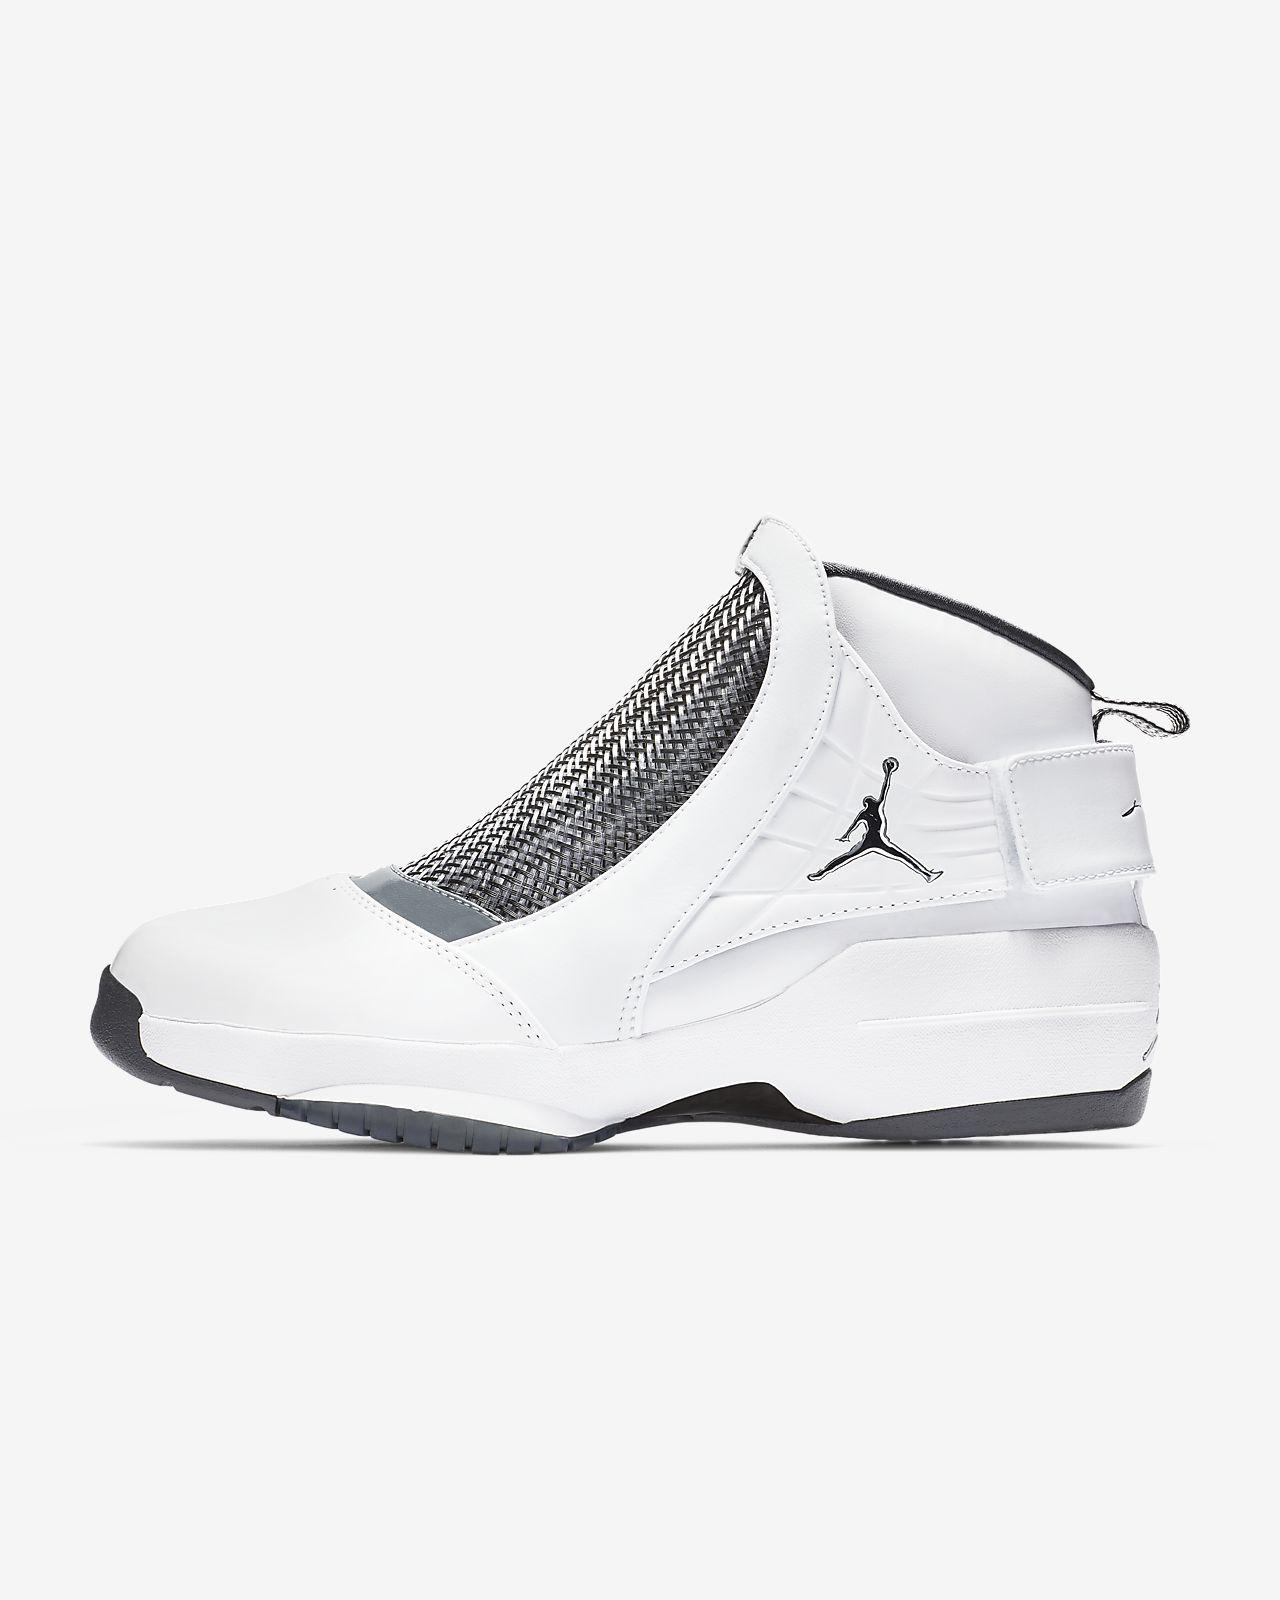 รองเท้าผู้ชาย Air Jordan 19 Retro